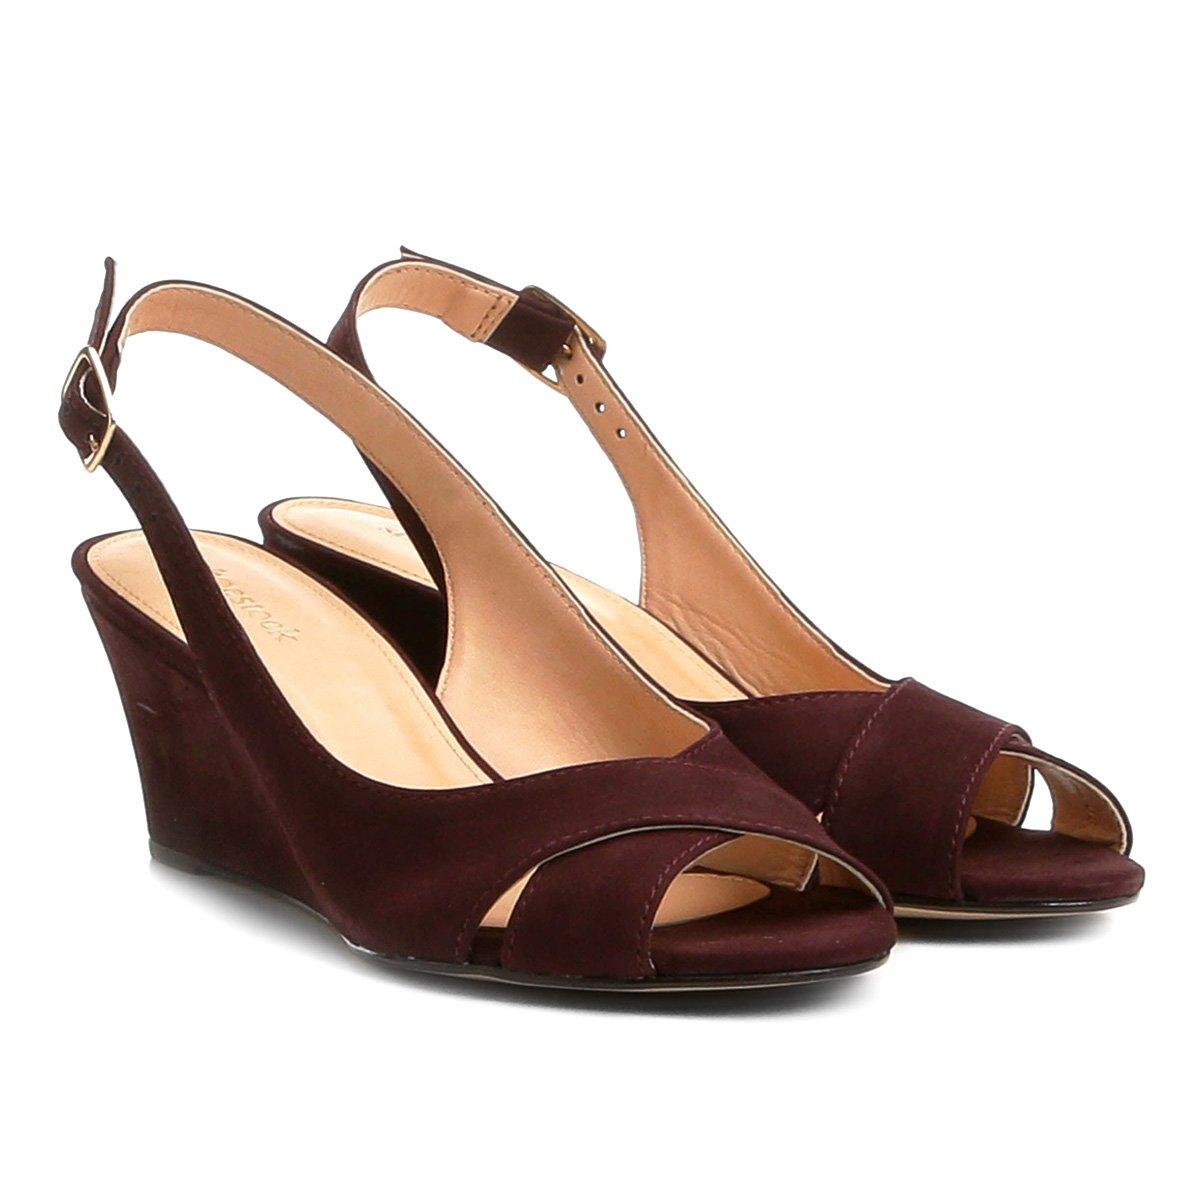 b43ffaf25 Sandália Anabela Couro Shoestock Nobuck Feminina - Vinho - Compre Agora